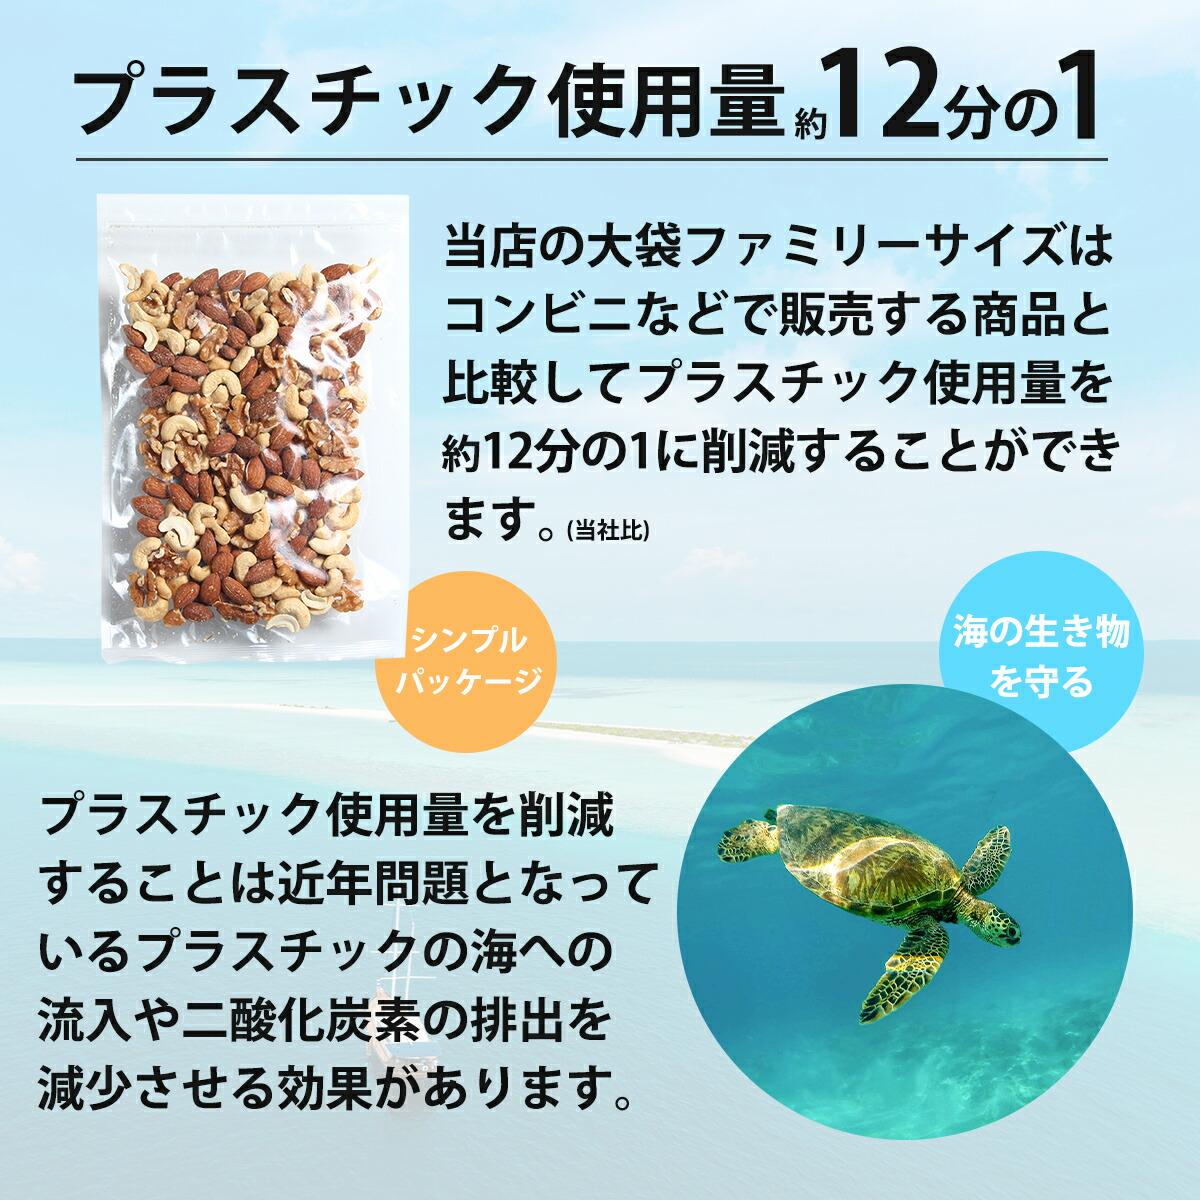 買い回り対象1,000円ぽっきり!